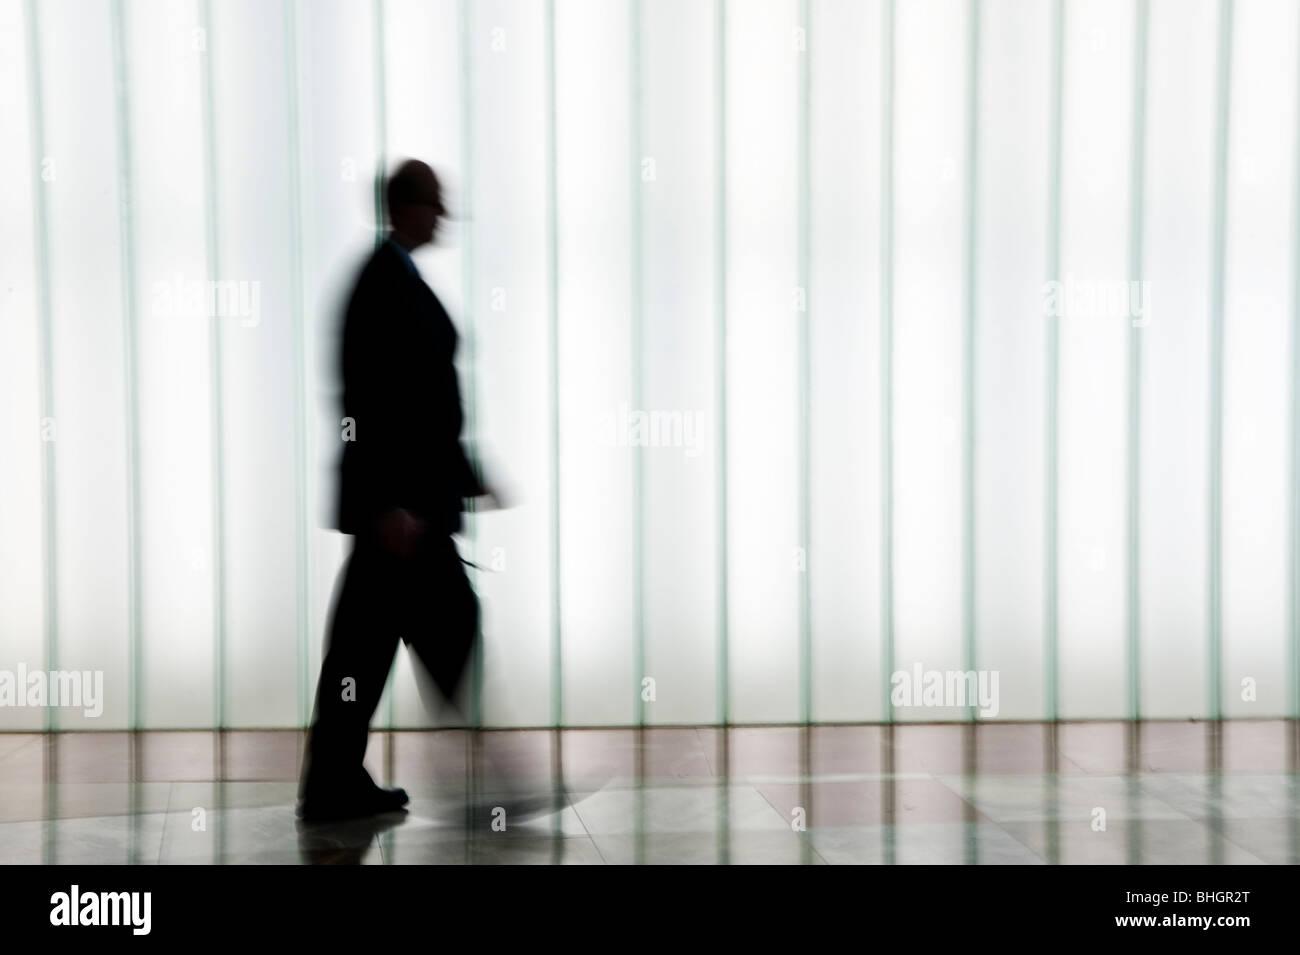 Persona caminando en silueta contra un blanco de fondo con trama ...